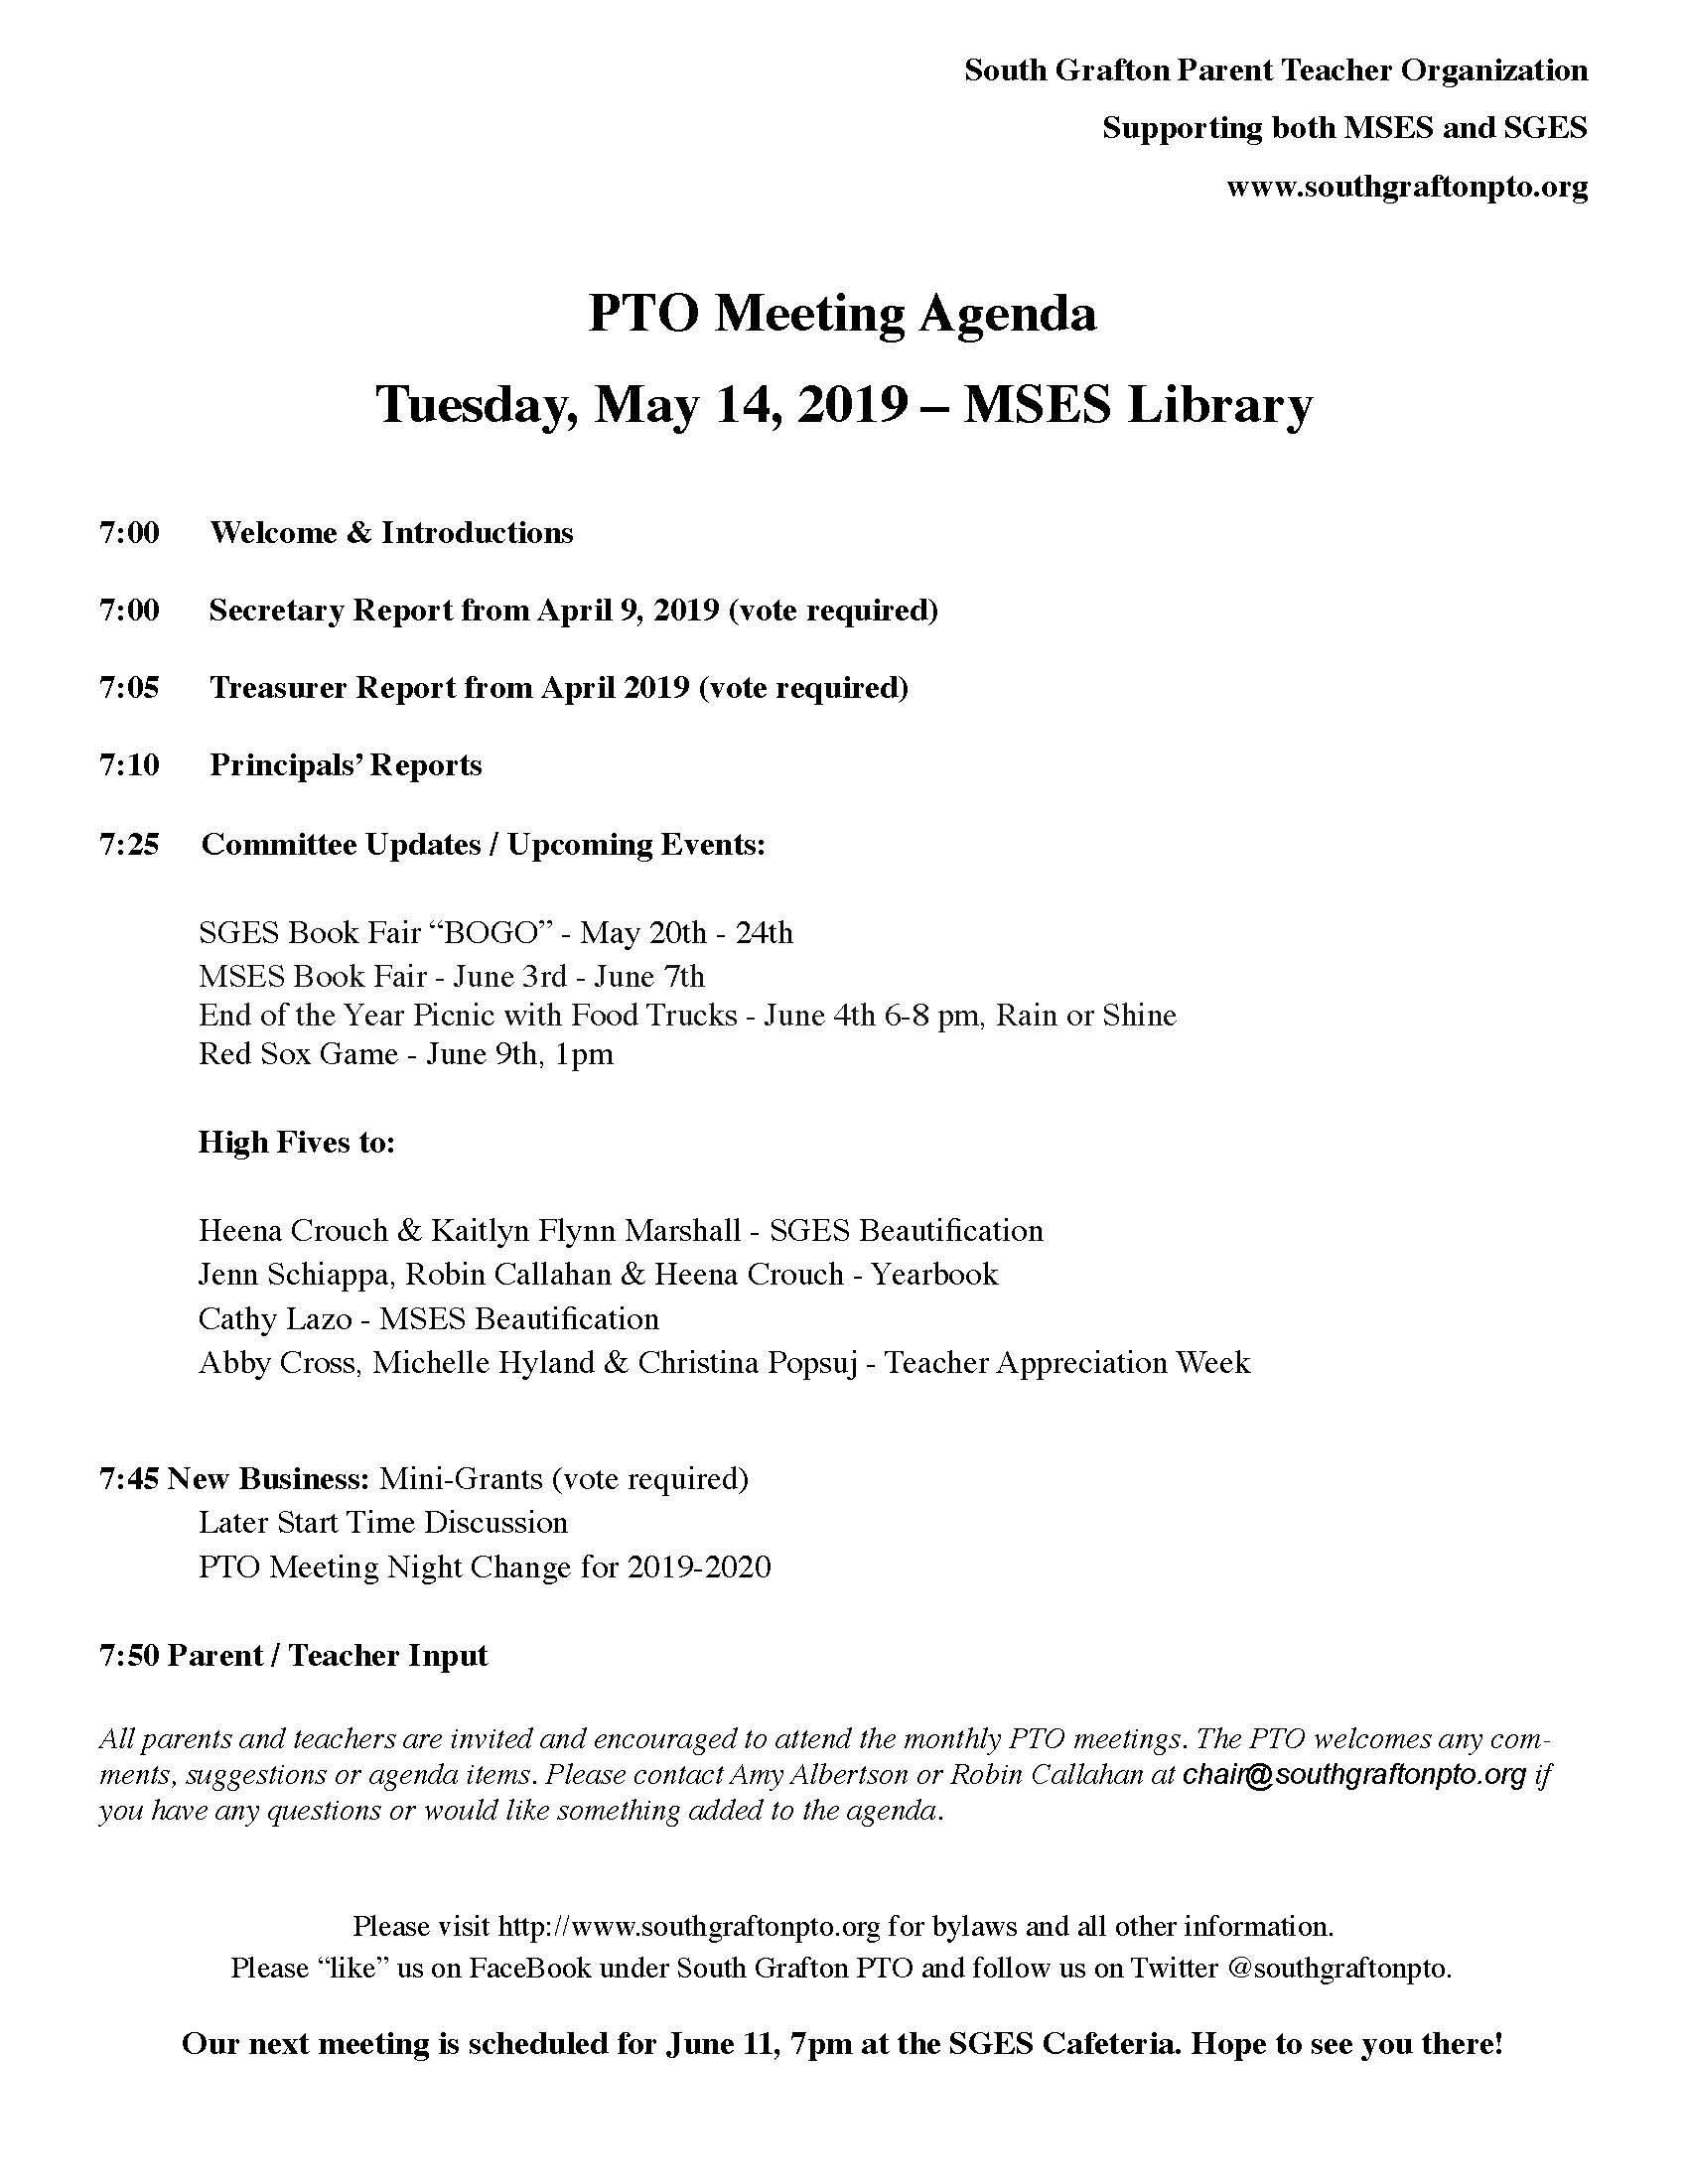 Meetings - South Grafton PTO